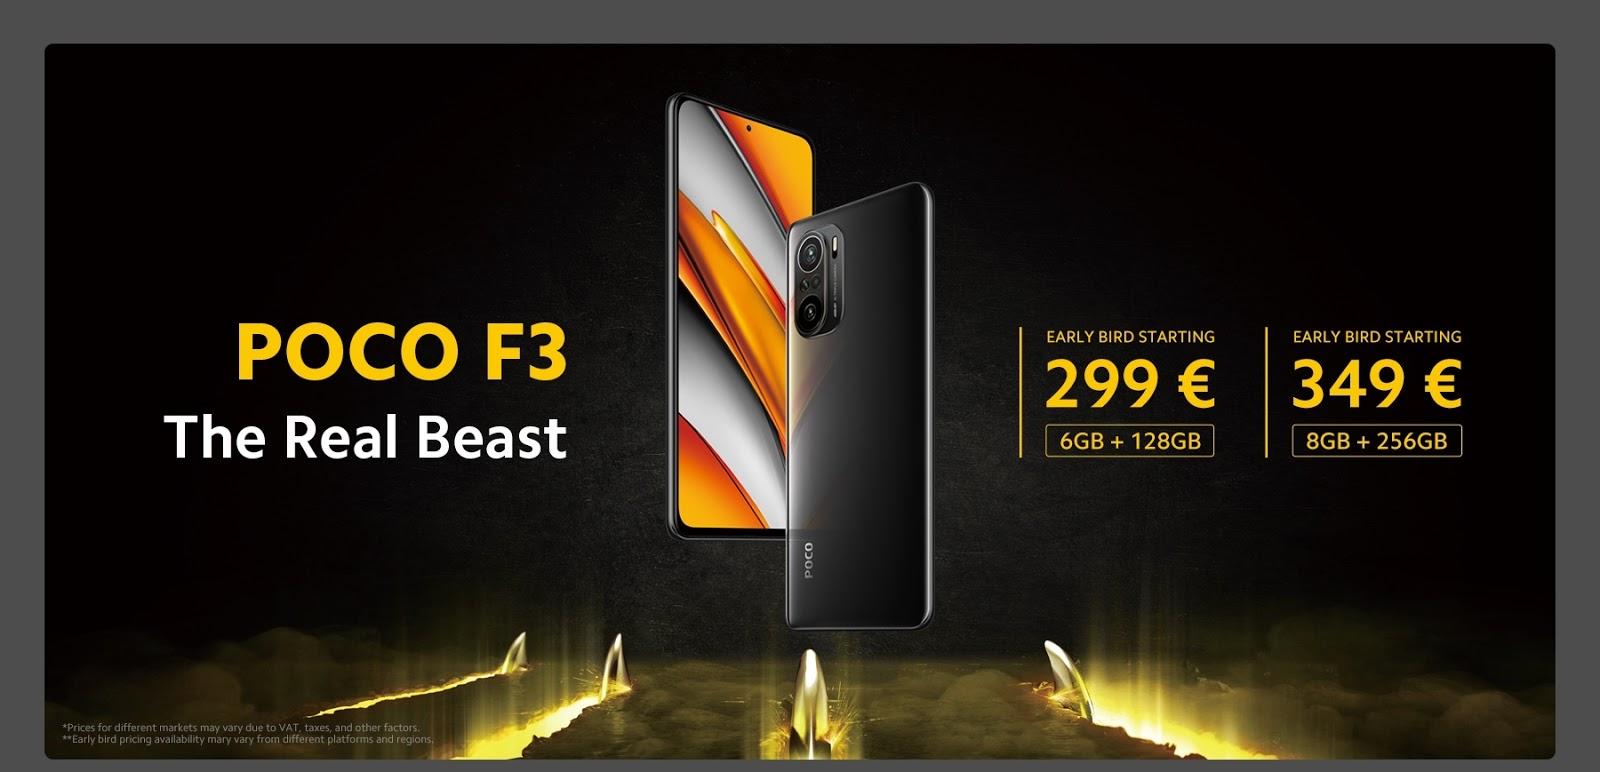 เมื่อพลังปะทะกับความเร็ว POCO เปิดตัวสมาร์ทโฟนแฟลกชิปสองรุ่นใหม่ล่าสุด POCO F3 ที่สุดแห่งพลังความร้ายกาจ และ POCO X3 Pro สเปคแรงโดนใจกว่าเดิม มากกว่าที่คุณต้องการ